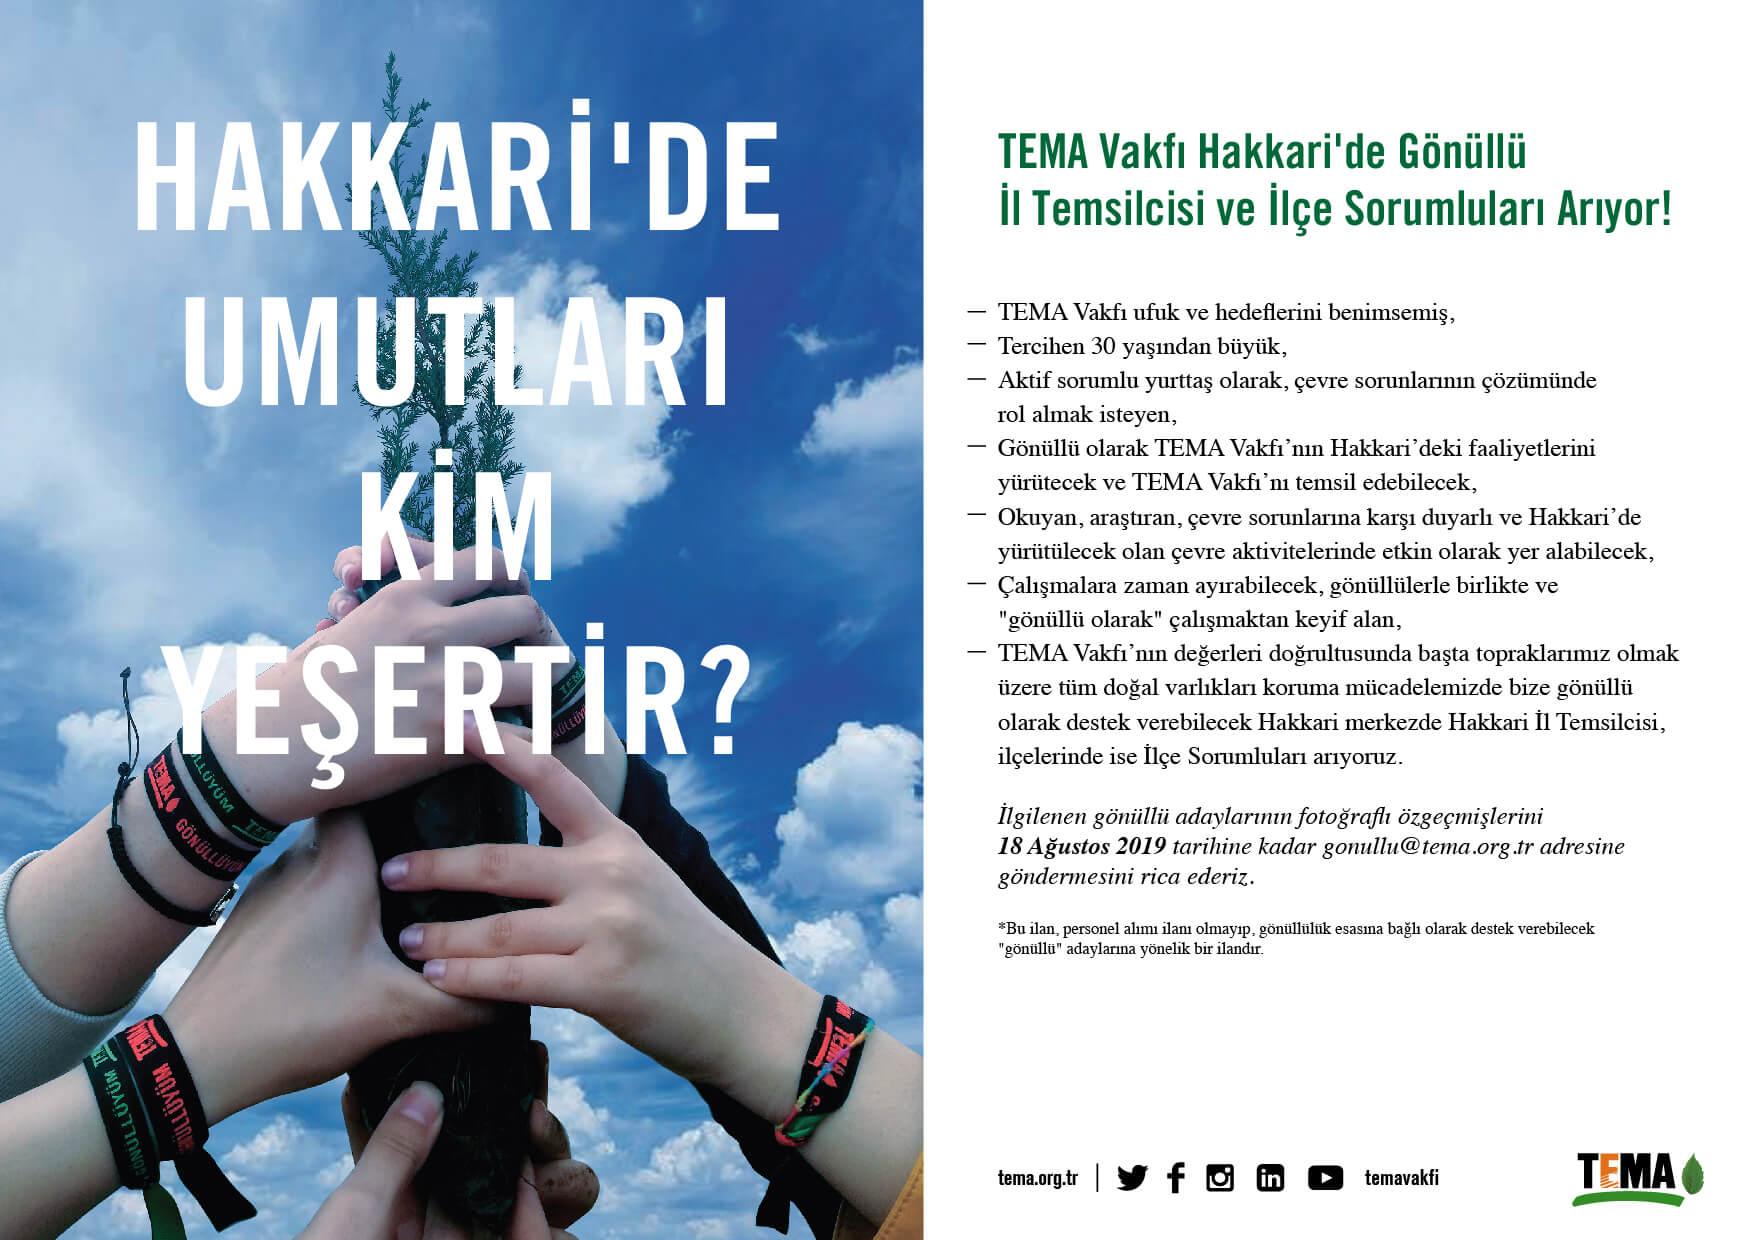 TEMA Vakfı Hakkari'de Gönüllü İl Temsilcisi ve İlçe Sorumluları Arıyor!